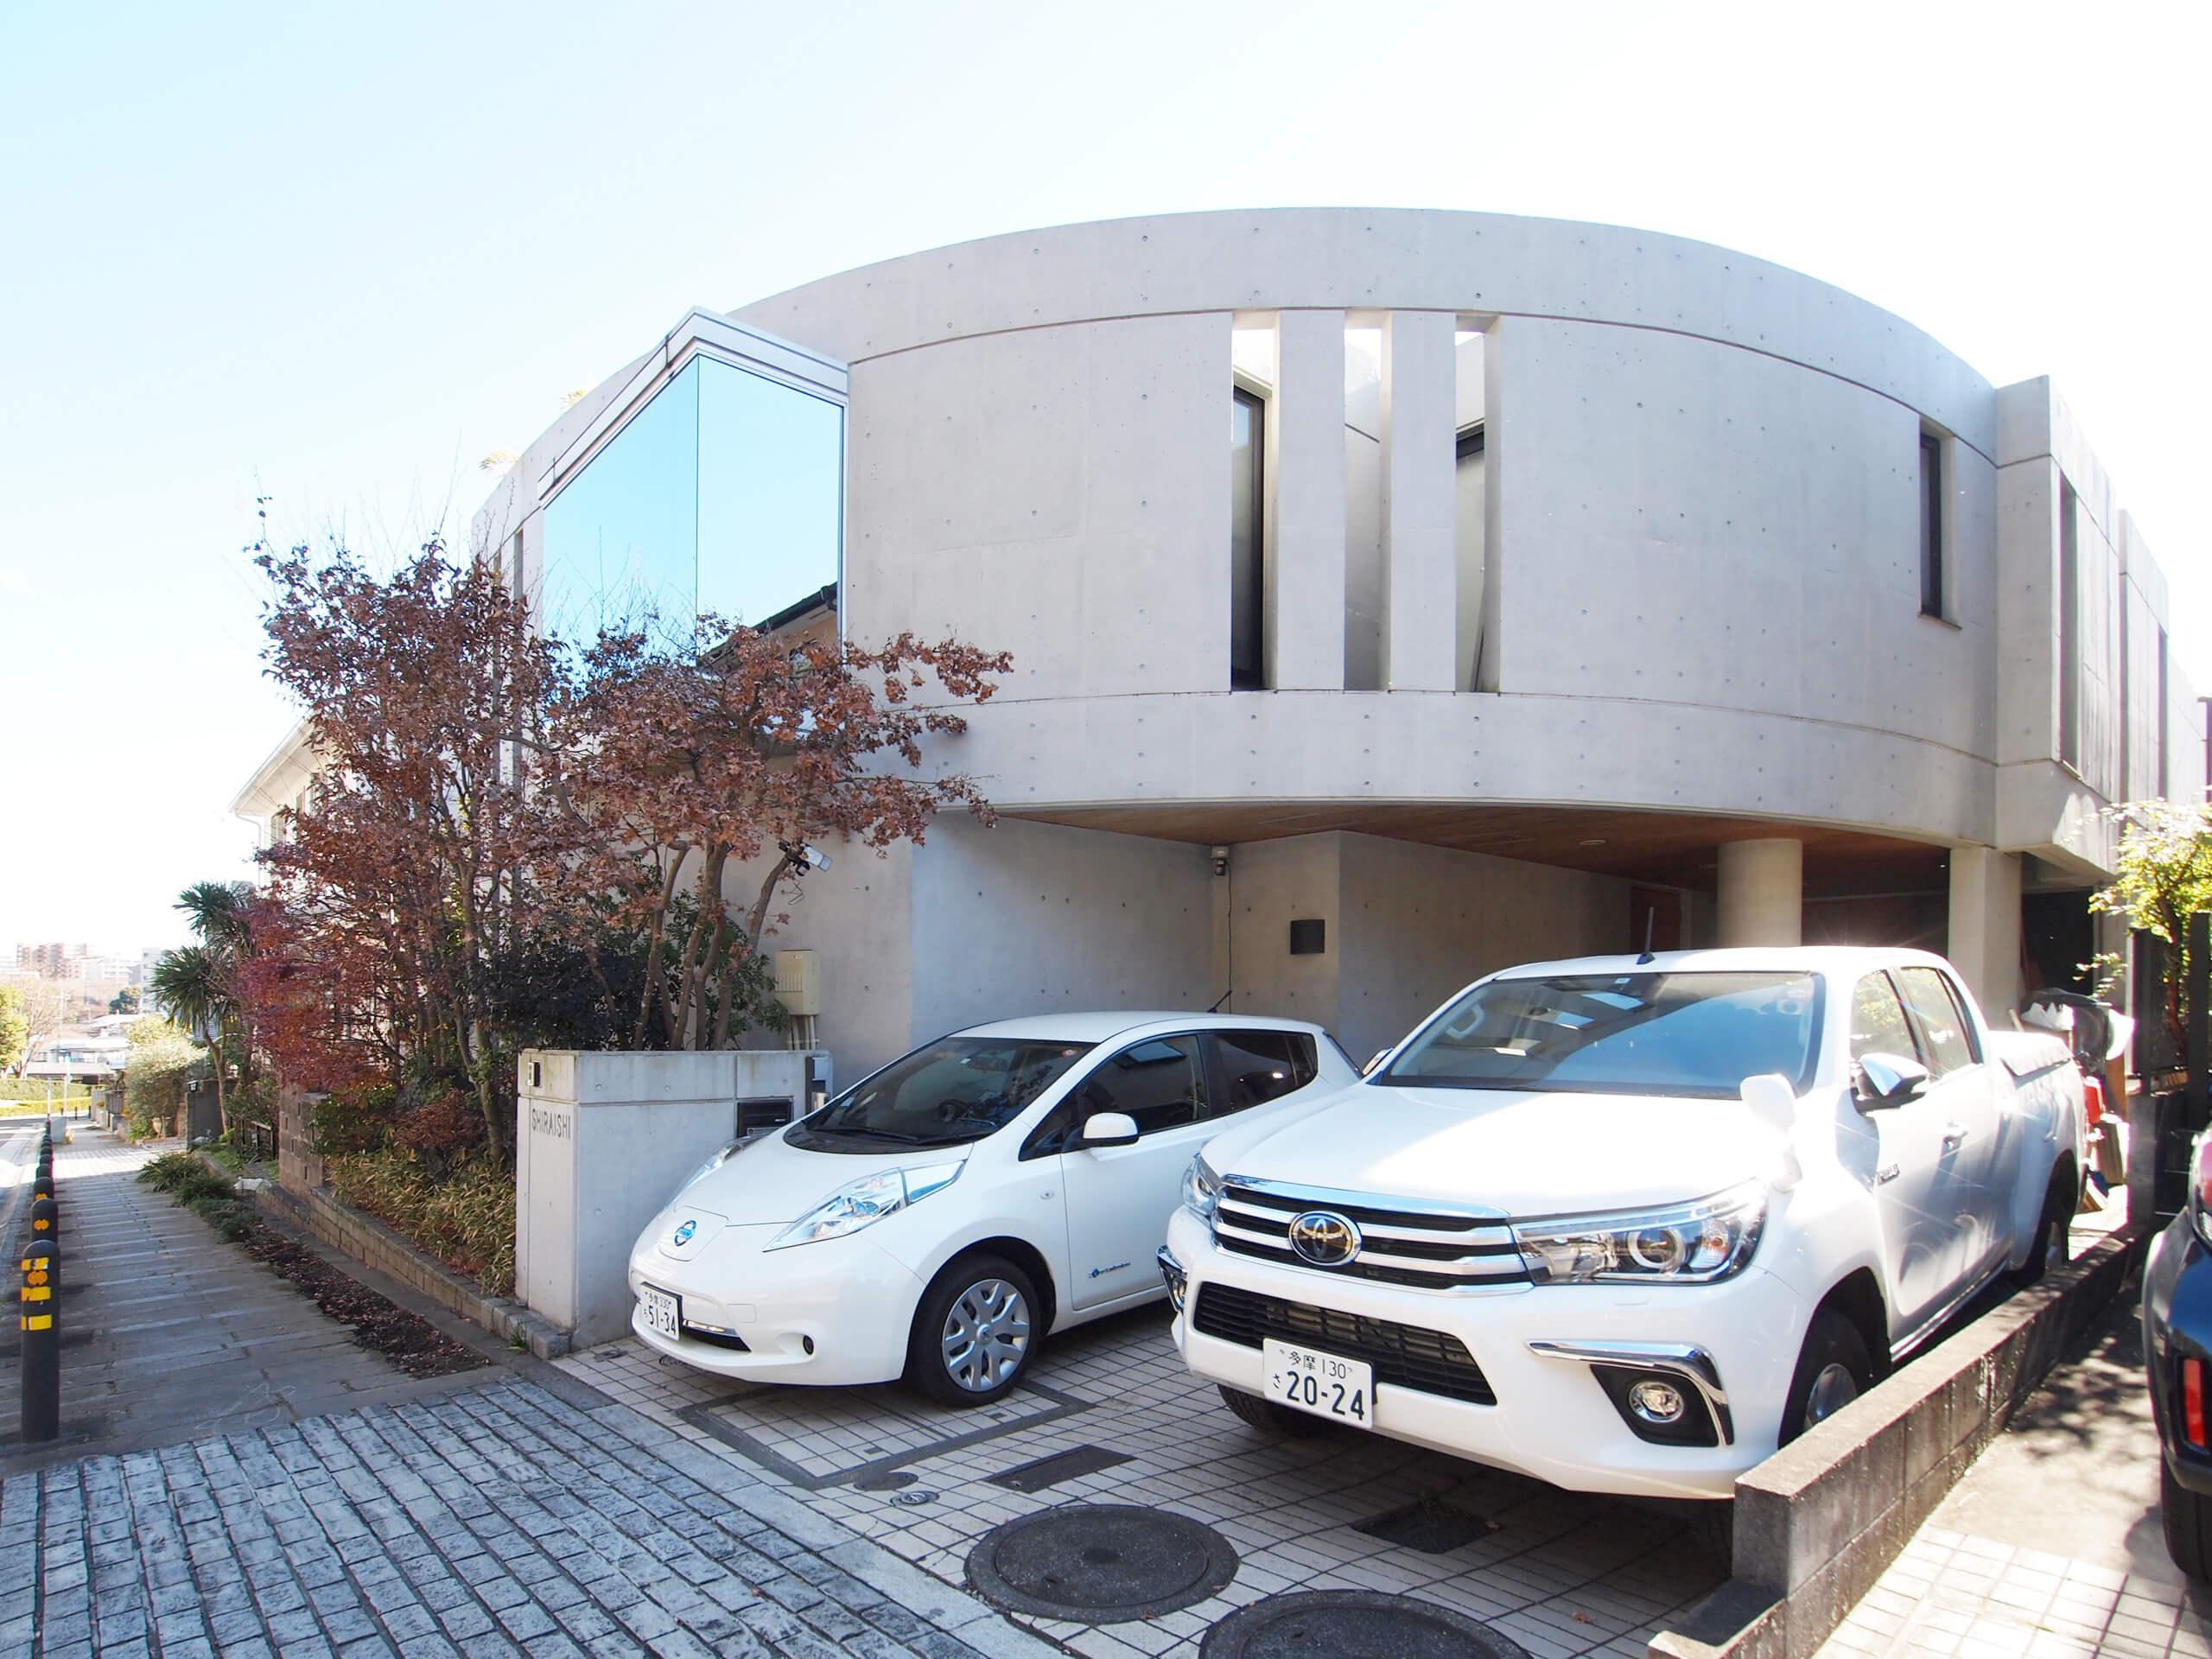 弧を描くコンクリートが目を引く。2台駐車可能